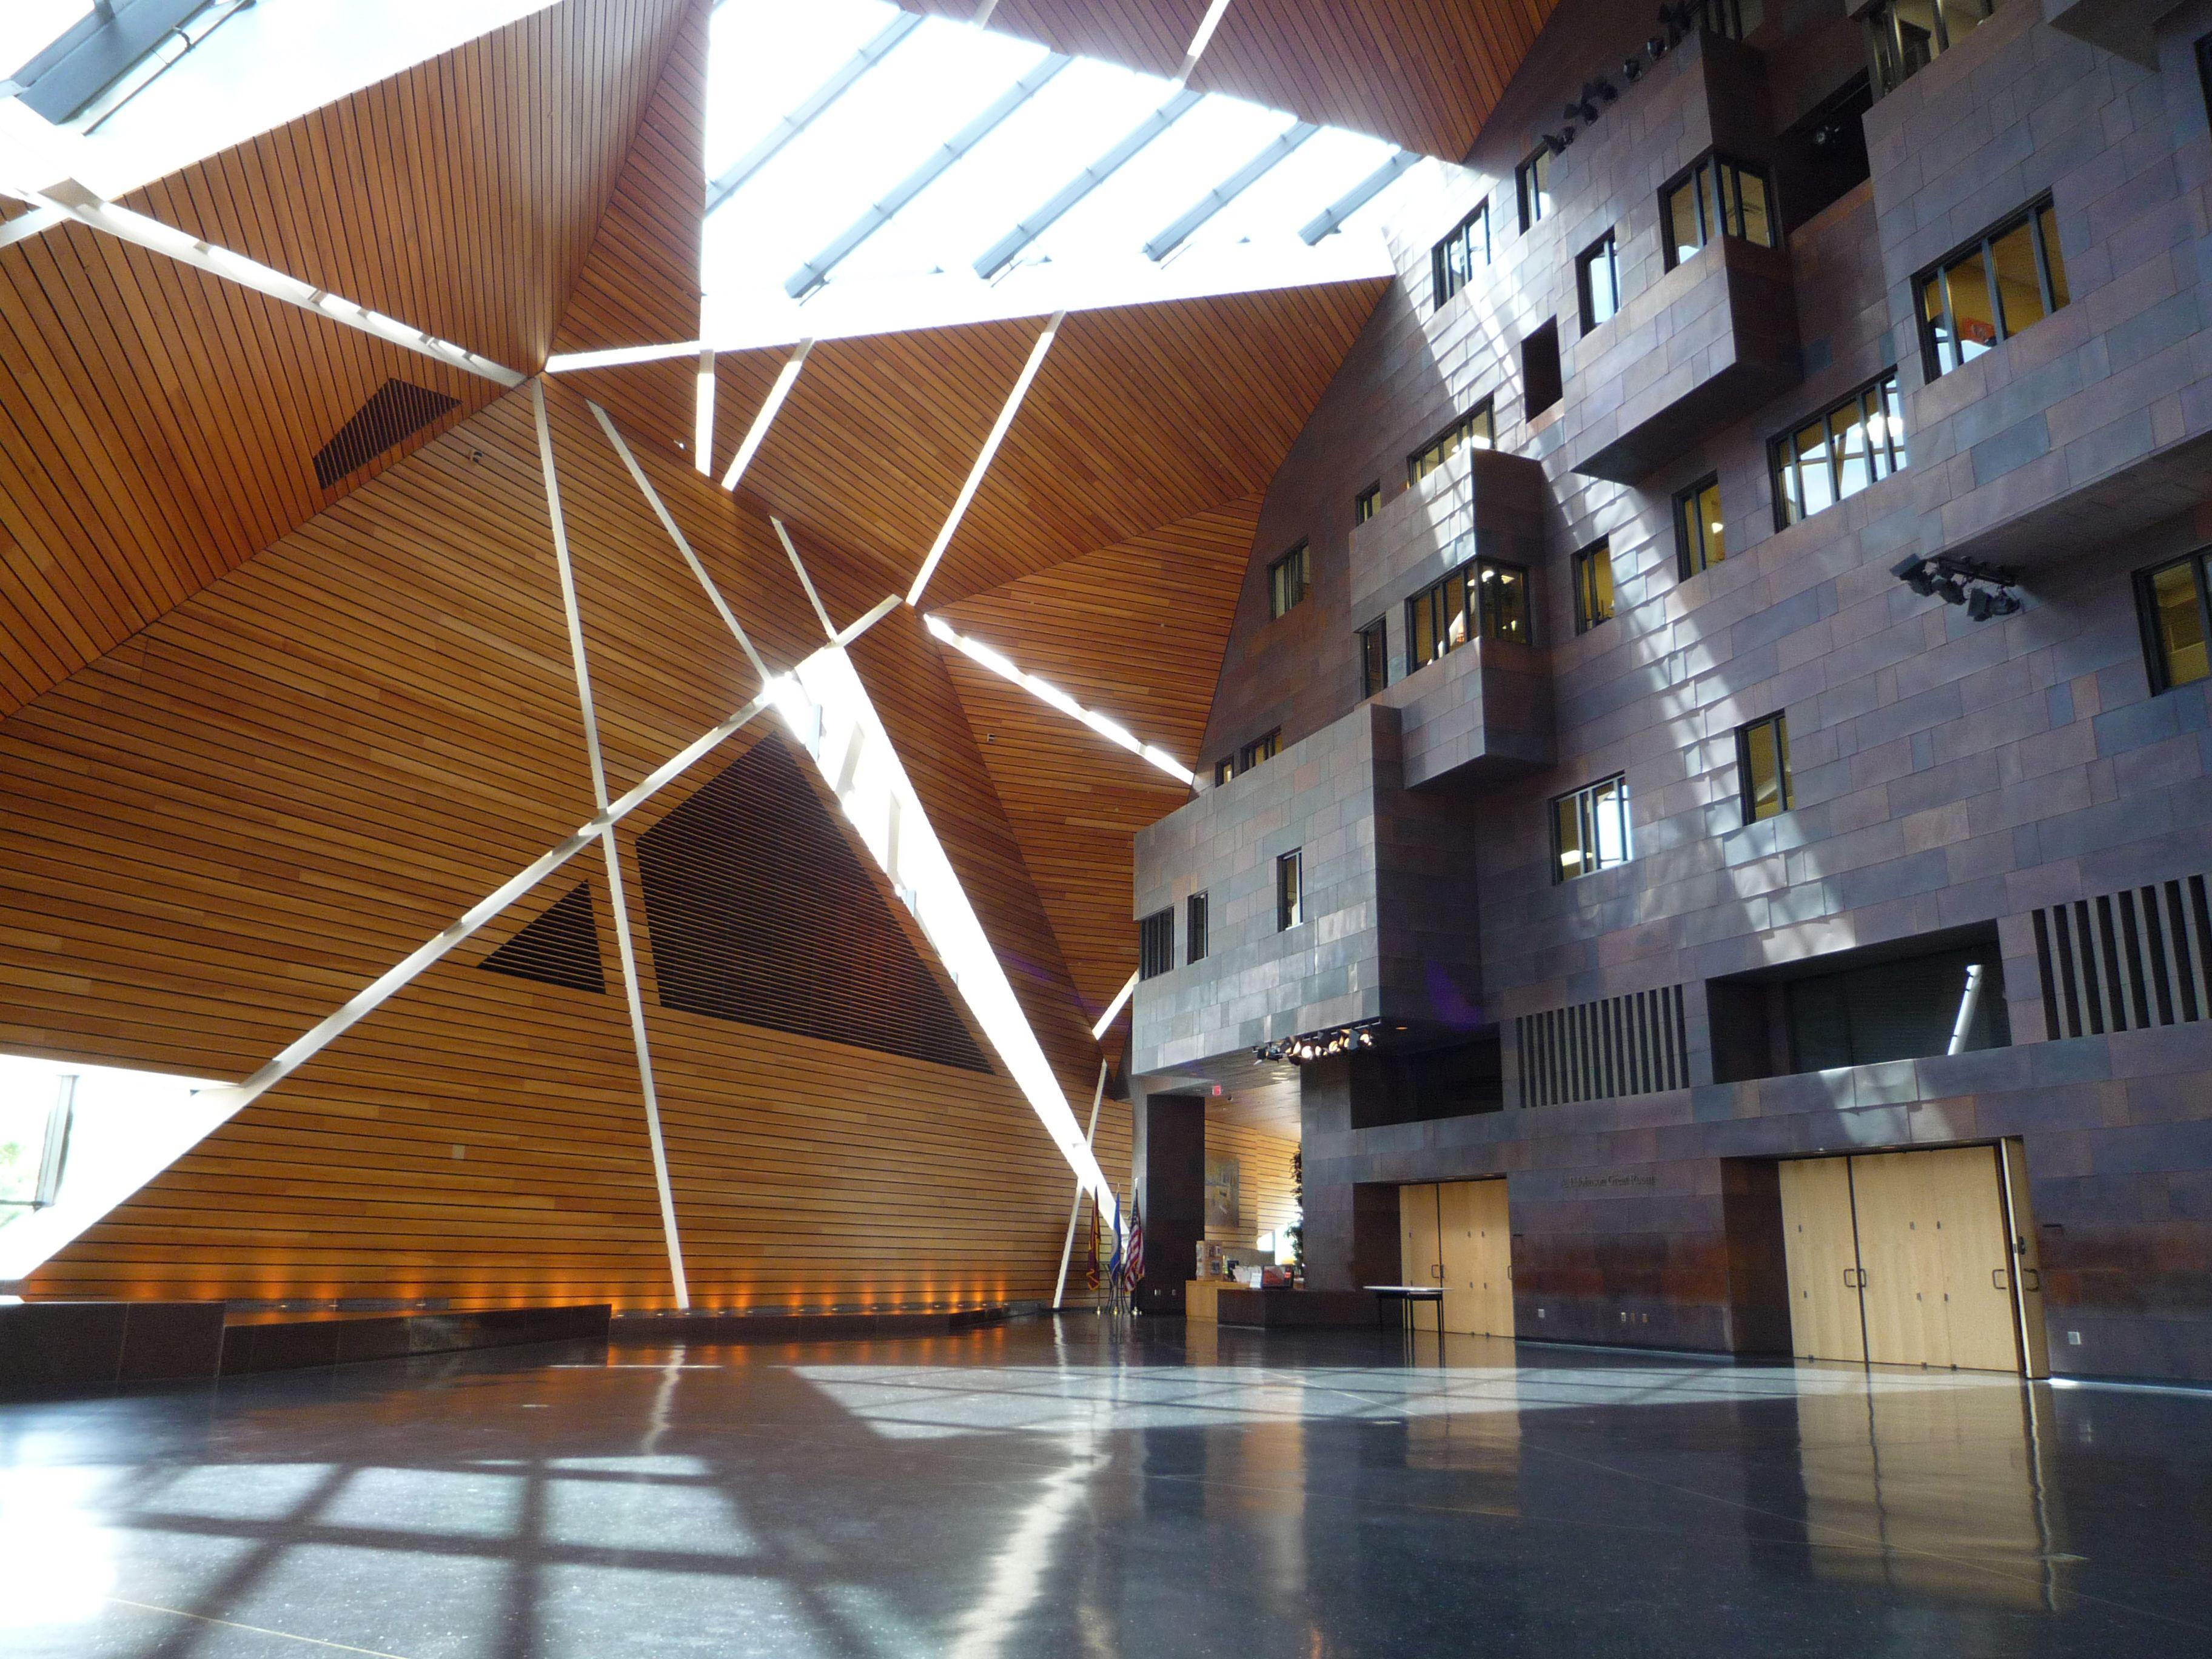 lacoste shoes zaha hadid design museum gent openingsuren